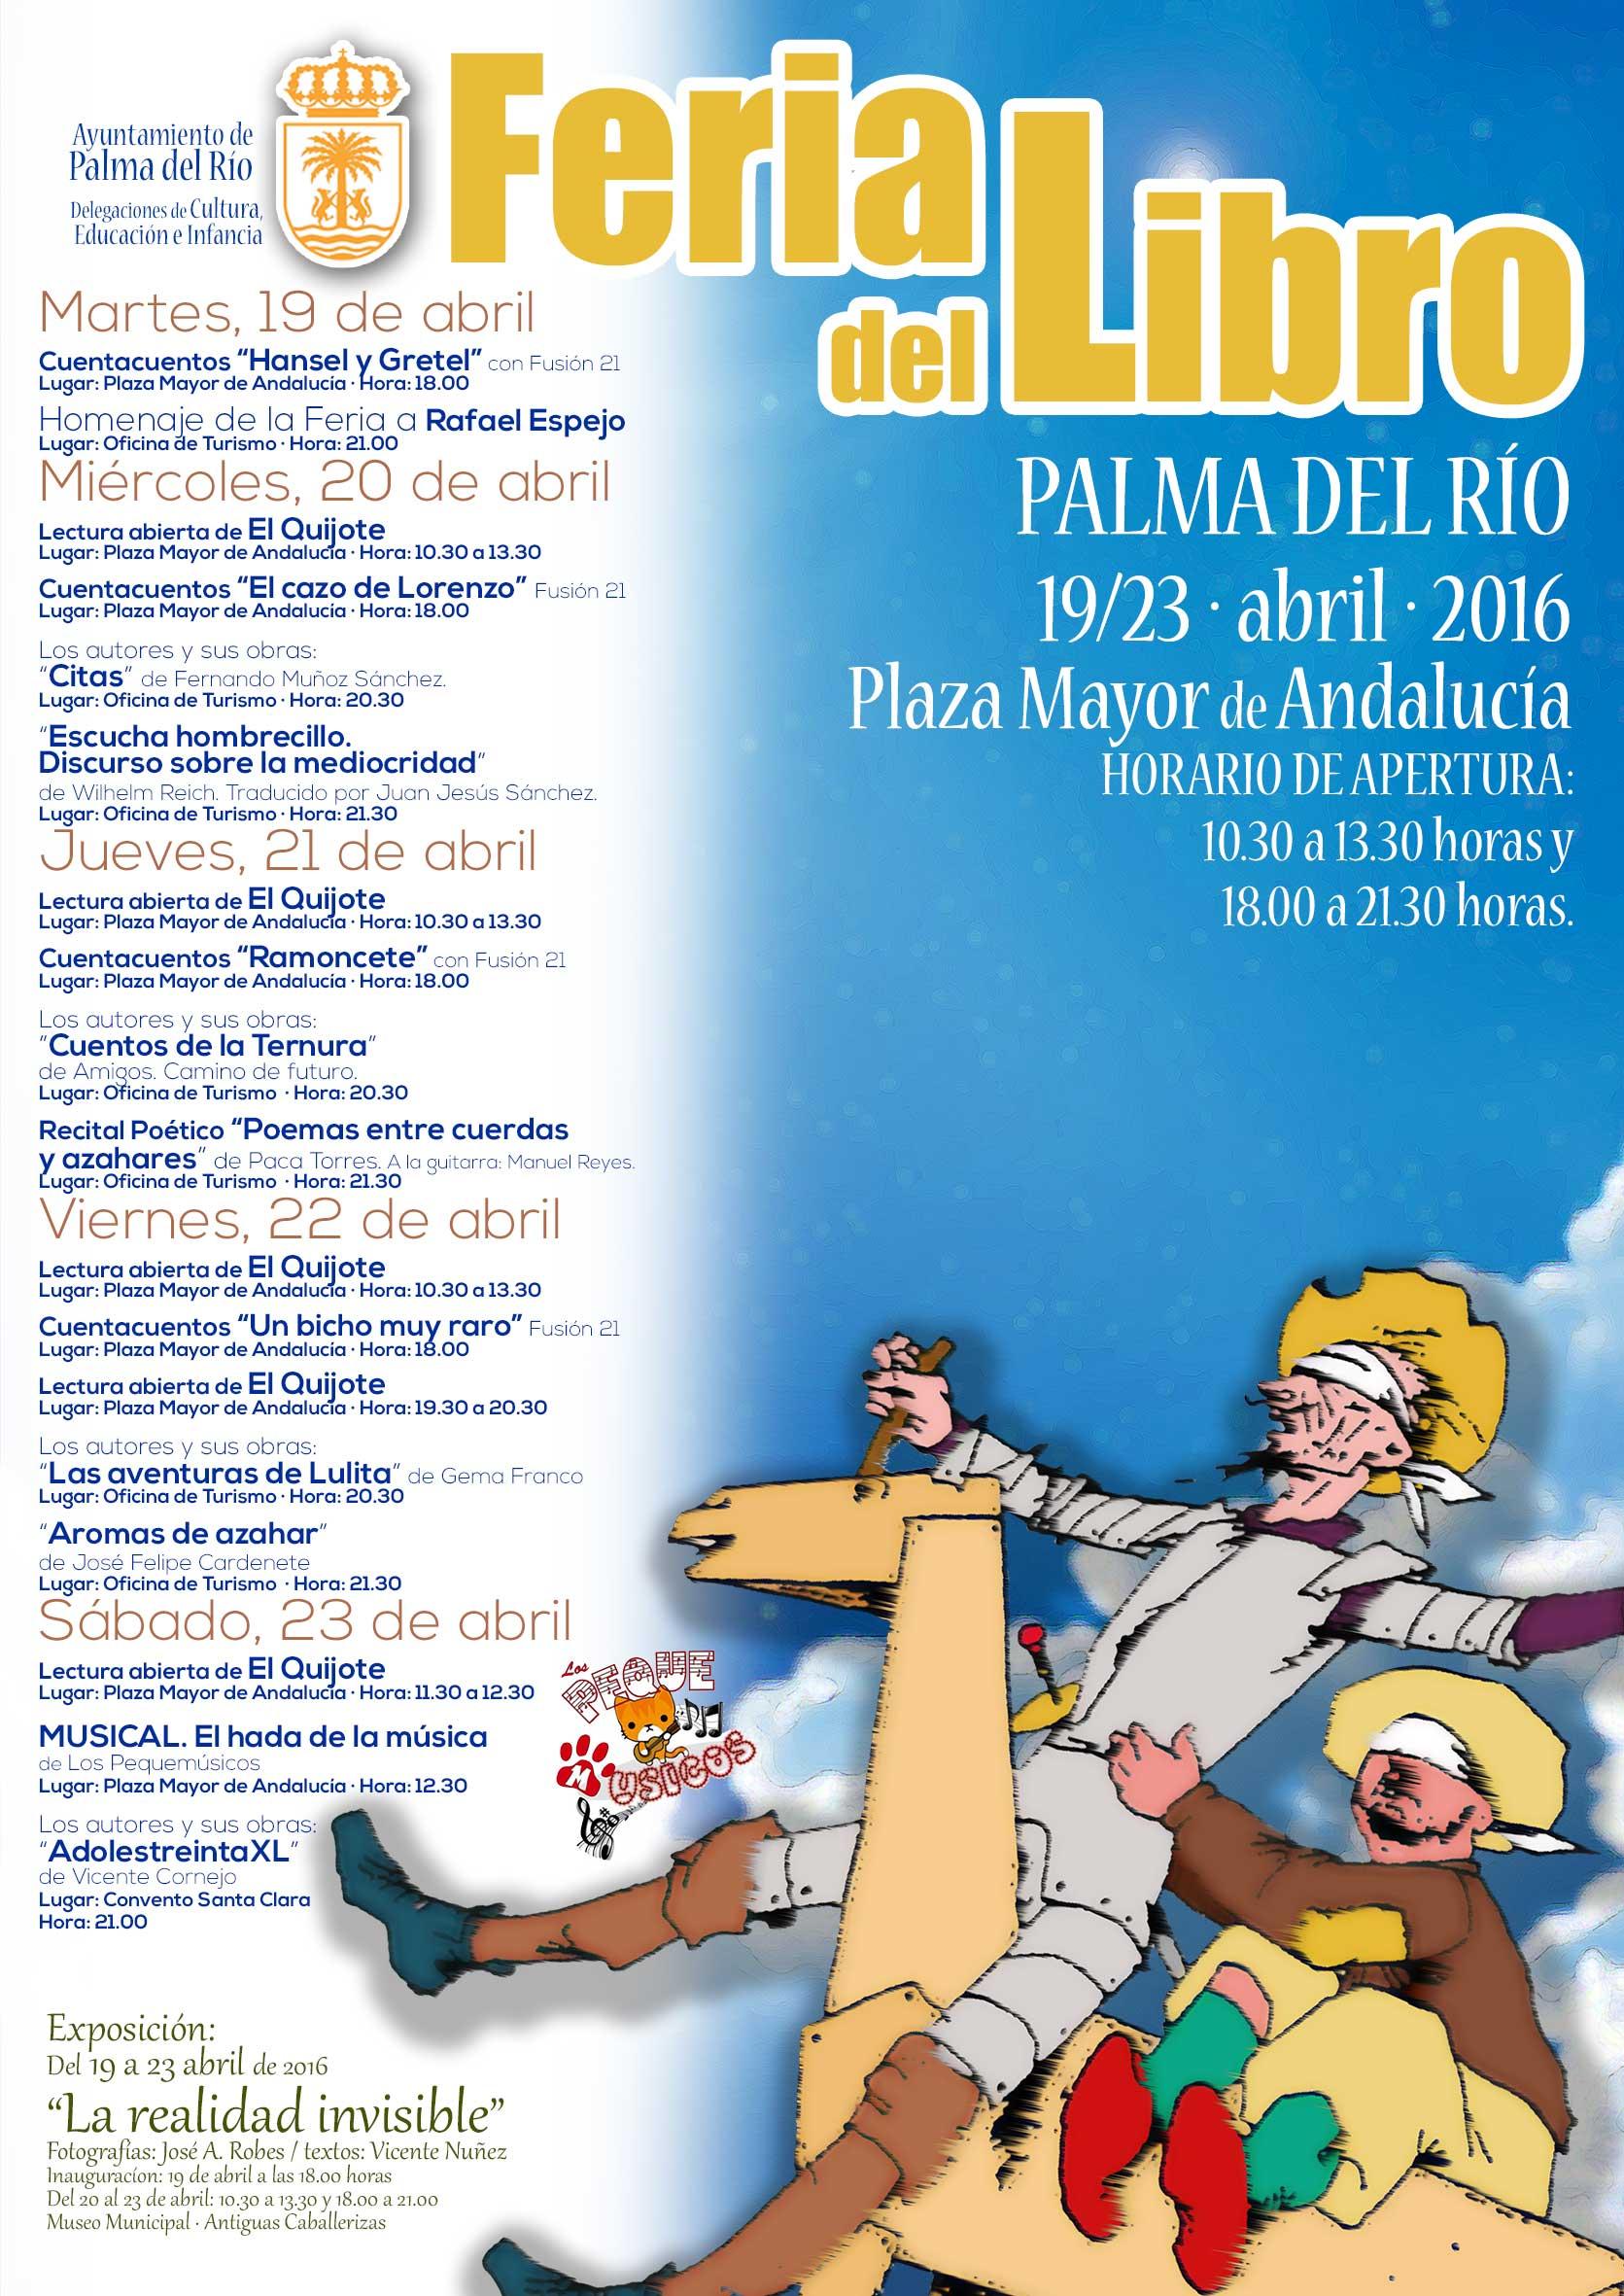 https://www.palmadelrio.es/sites/default/files/web-feria-del-libro-actividades-2016.jpg